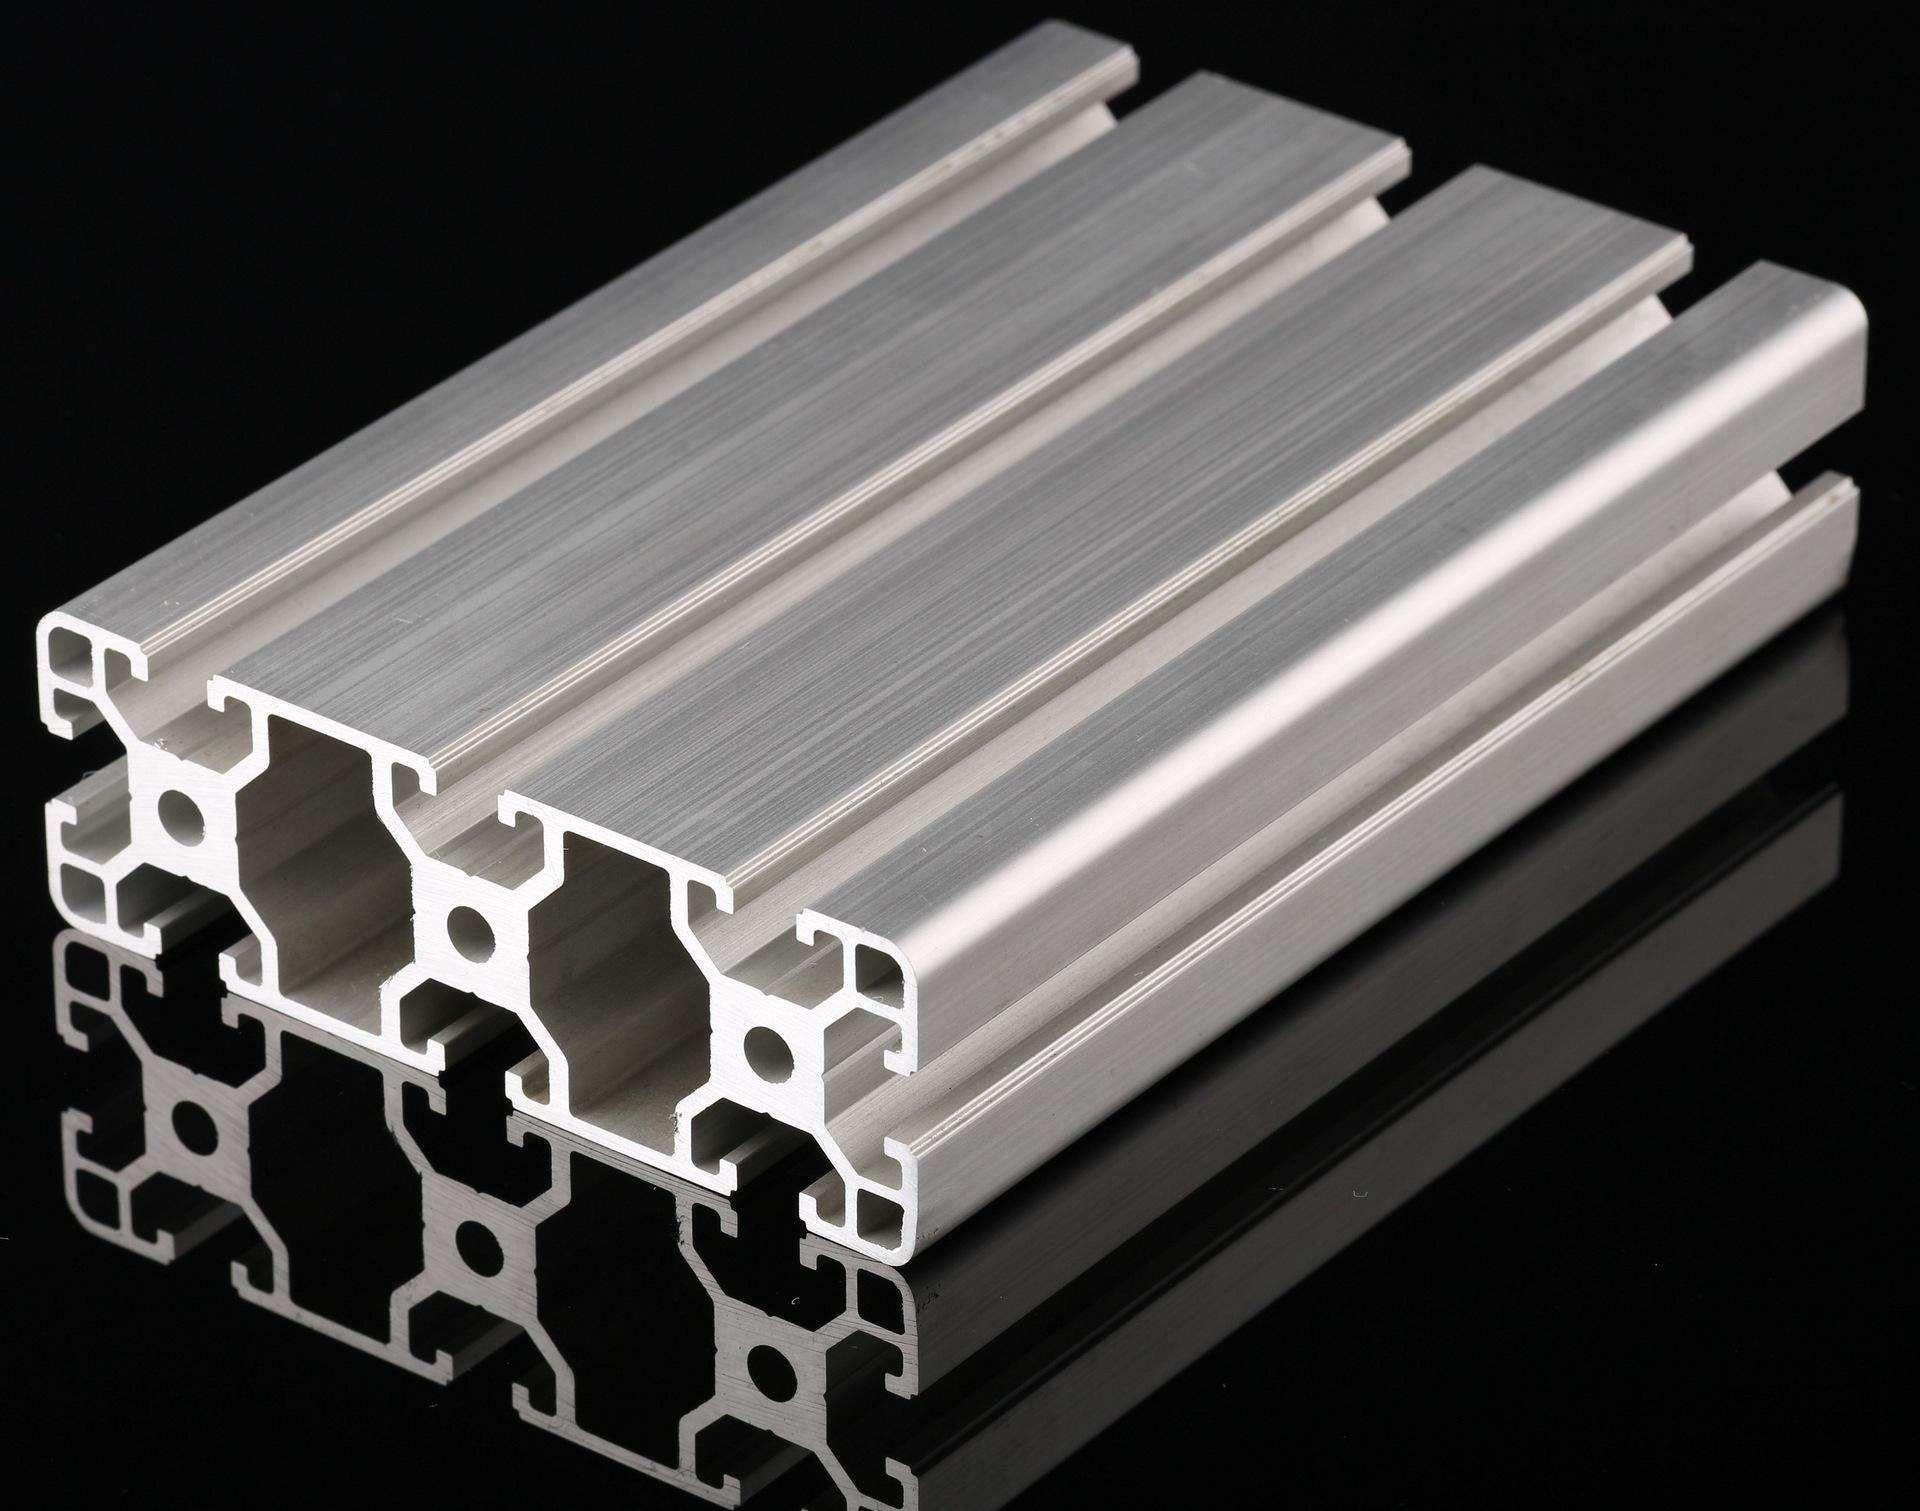 工业铝型材的用途主要有哪些?铝型材都有哪些性能优势?